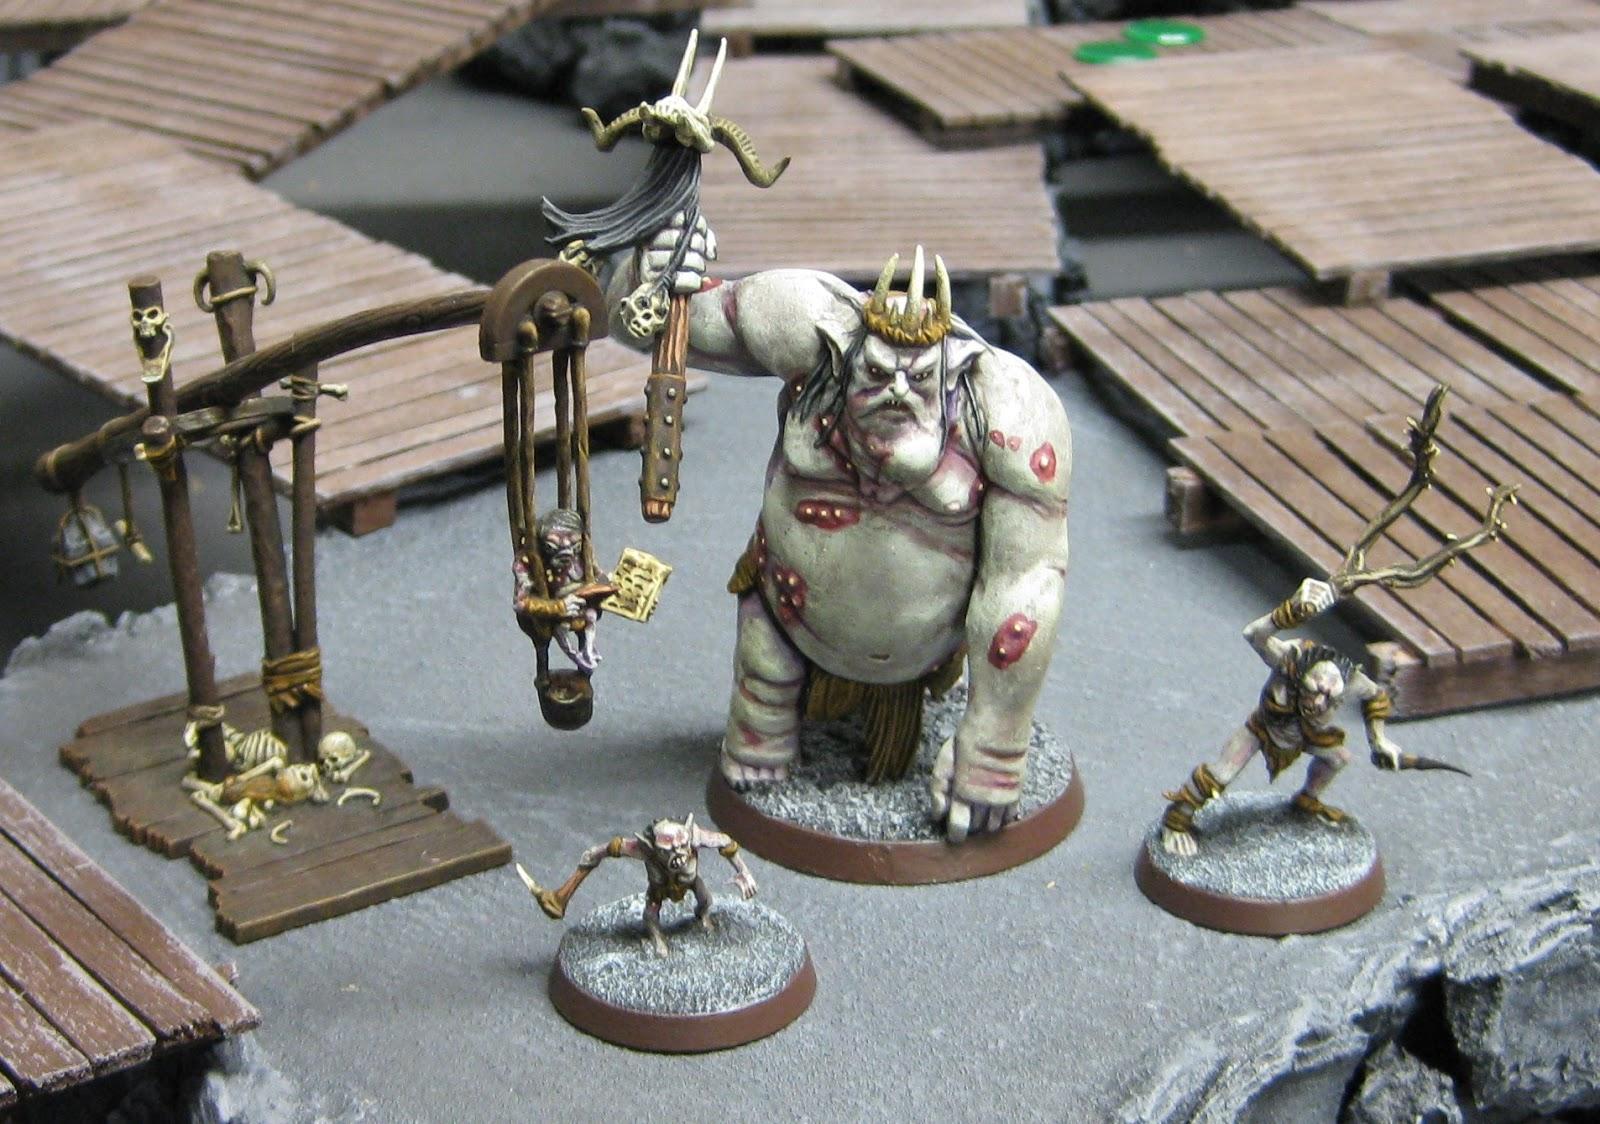 Scott's War-gaming: The Goblin King's domain